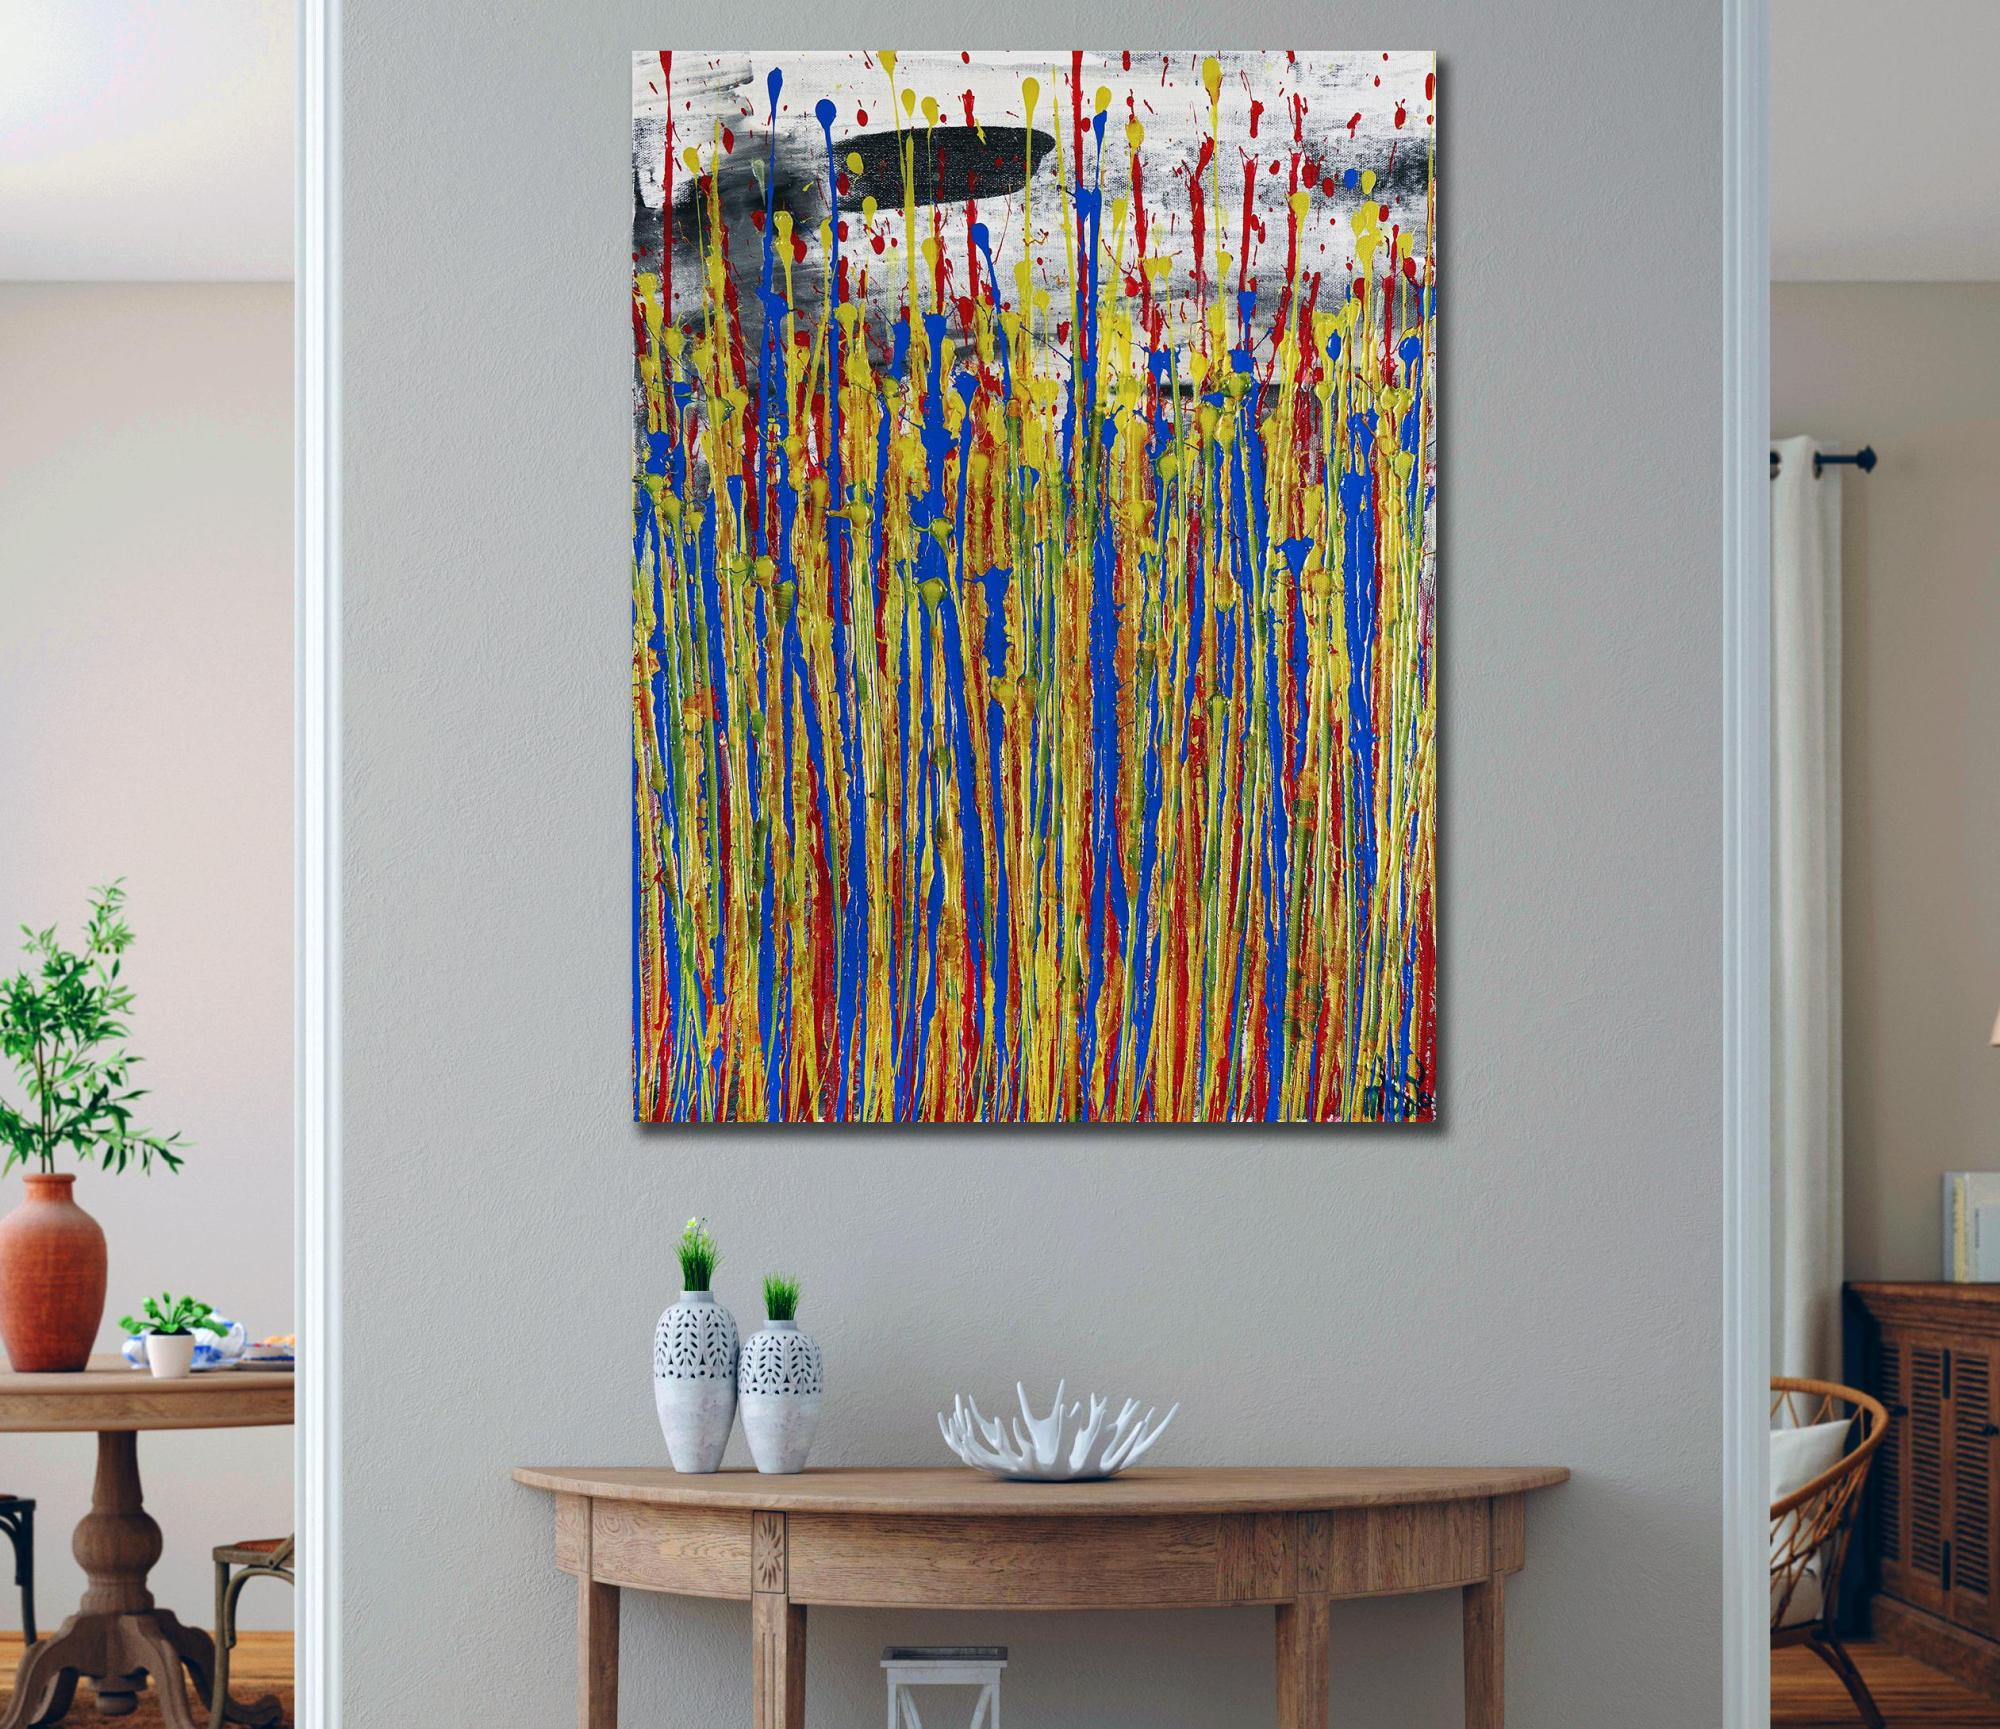 Daydream panorama (Natures Imagery) 40 (2021) / Room example / Artist: Nestor Toro